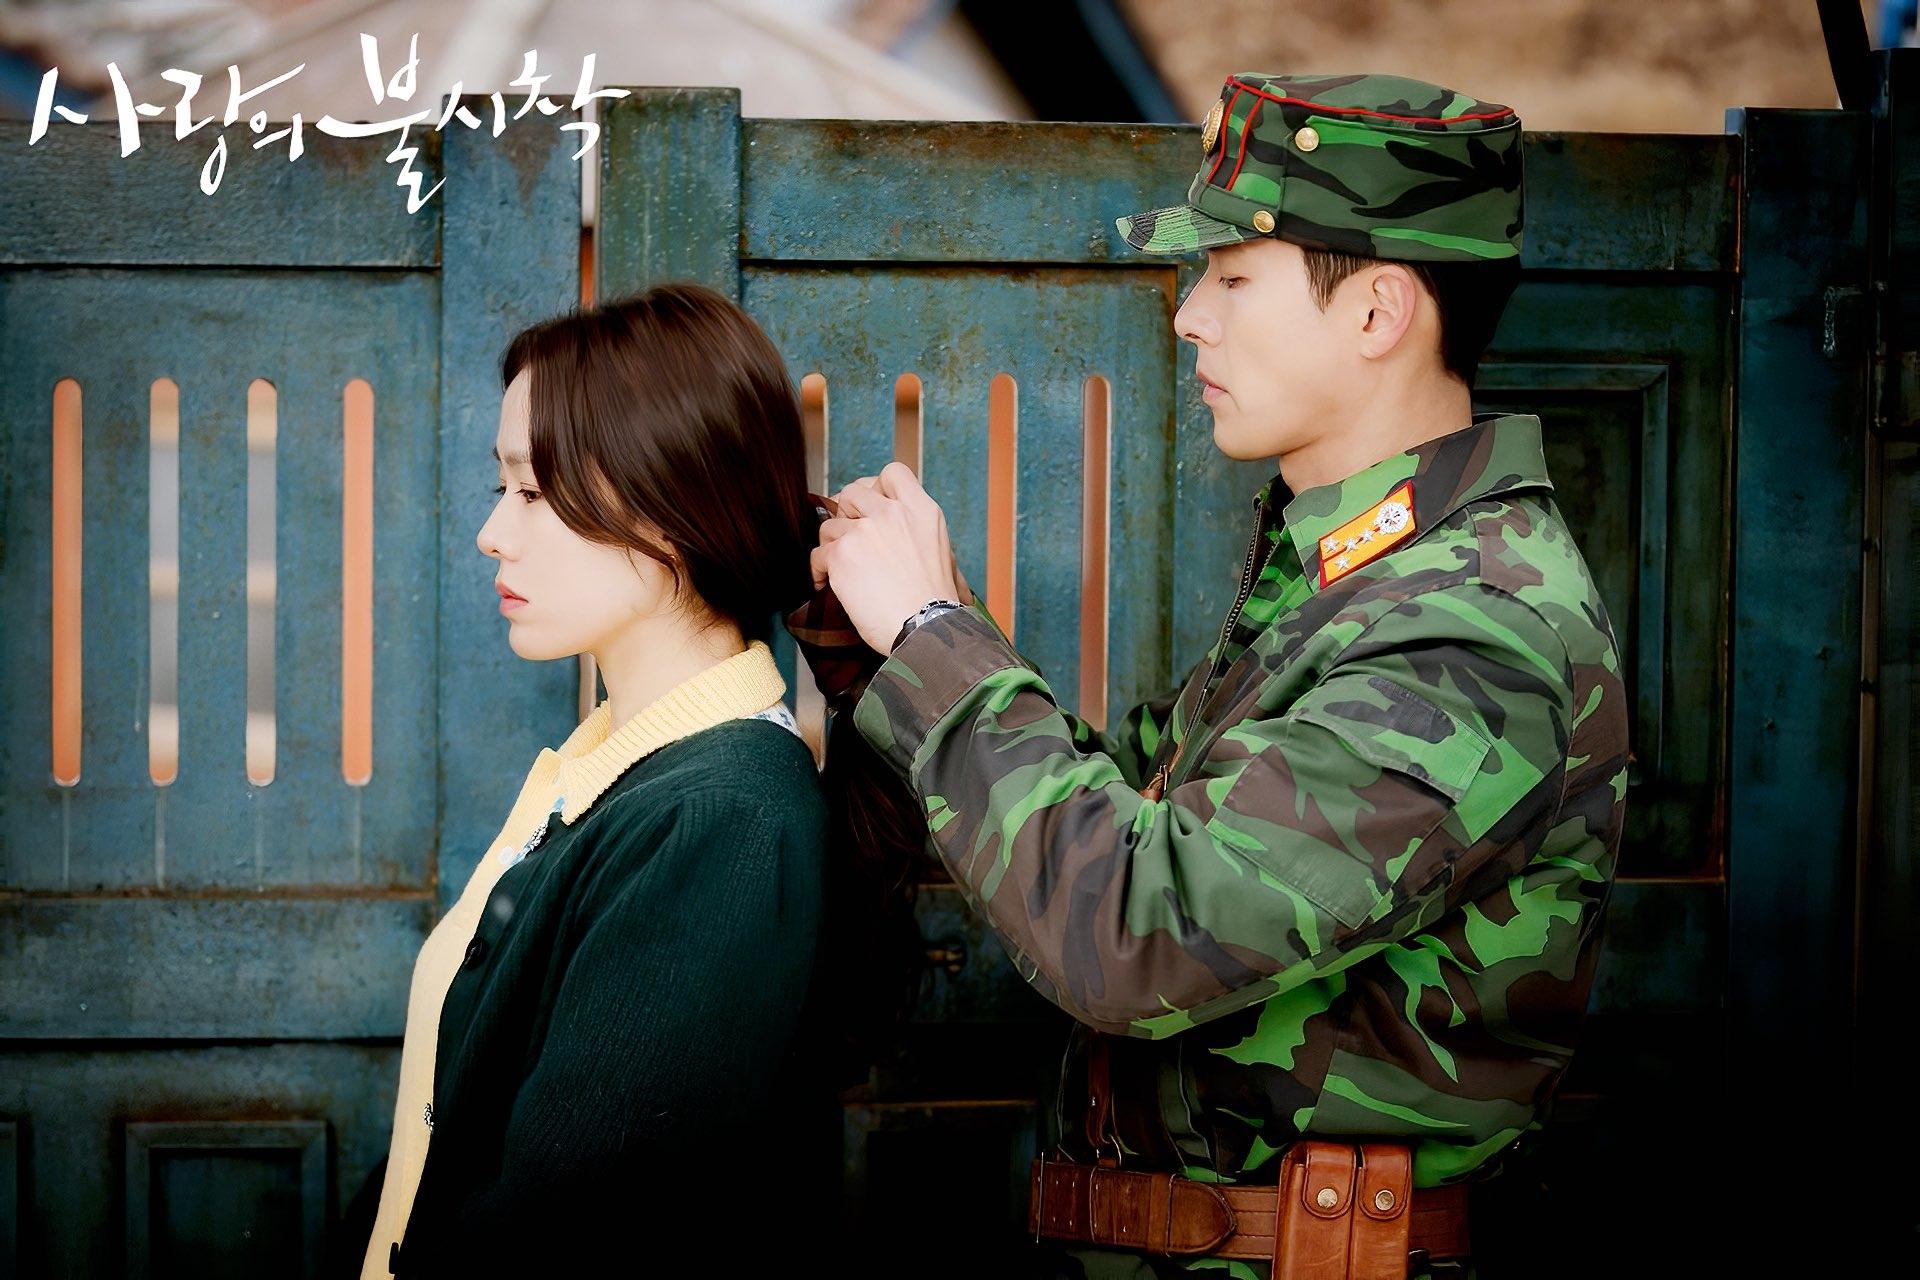 'Hạ cánh nơi anh' tung ảnh mới ngọt ngào của Hyun Bin - Gon Ye Jin